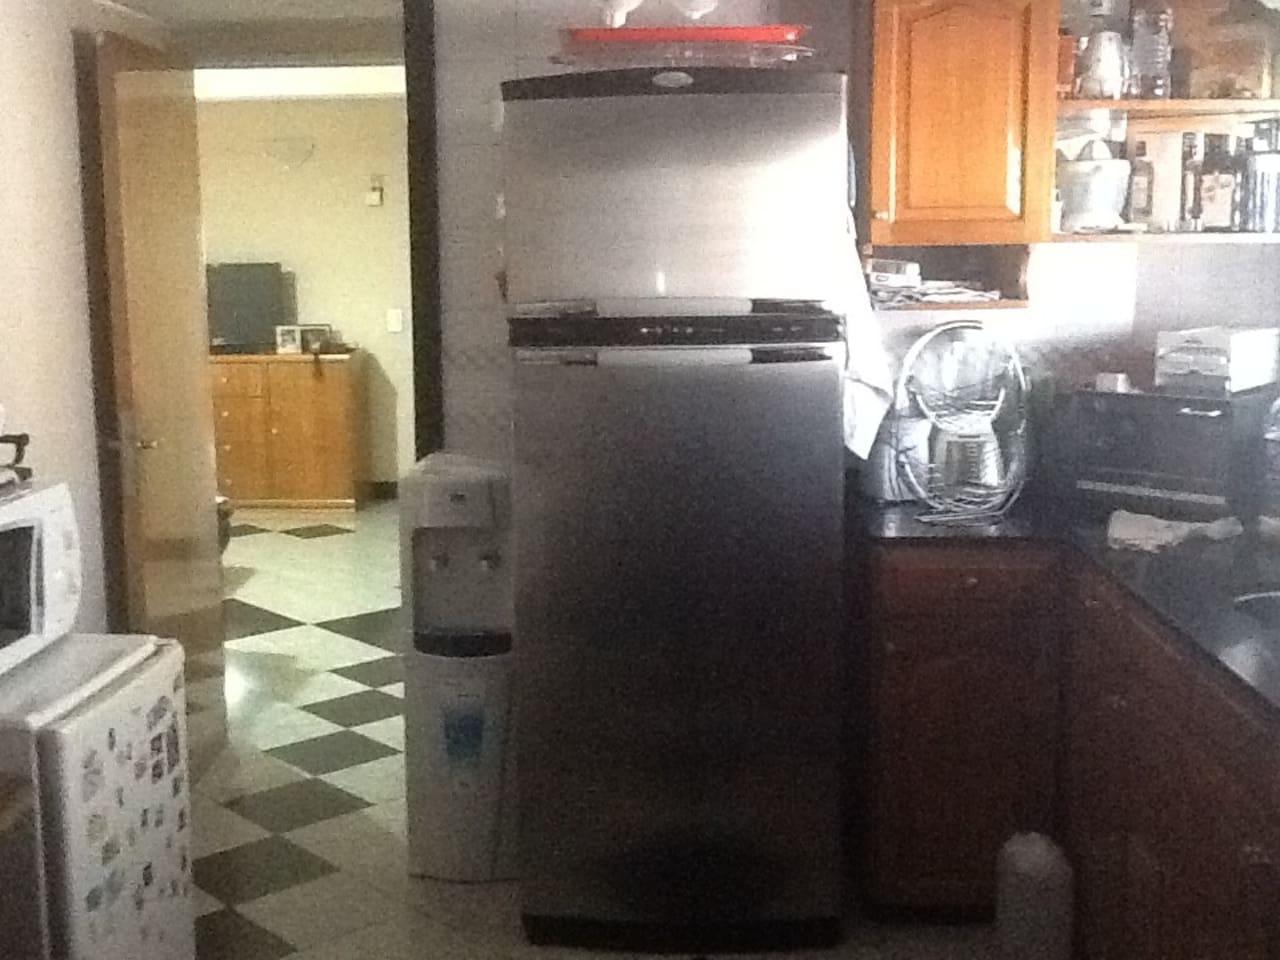 Kitchen, going into dinning room/ cocina, y puerta hacia el comedor.